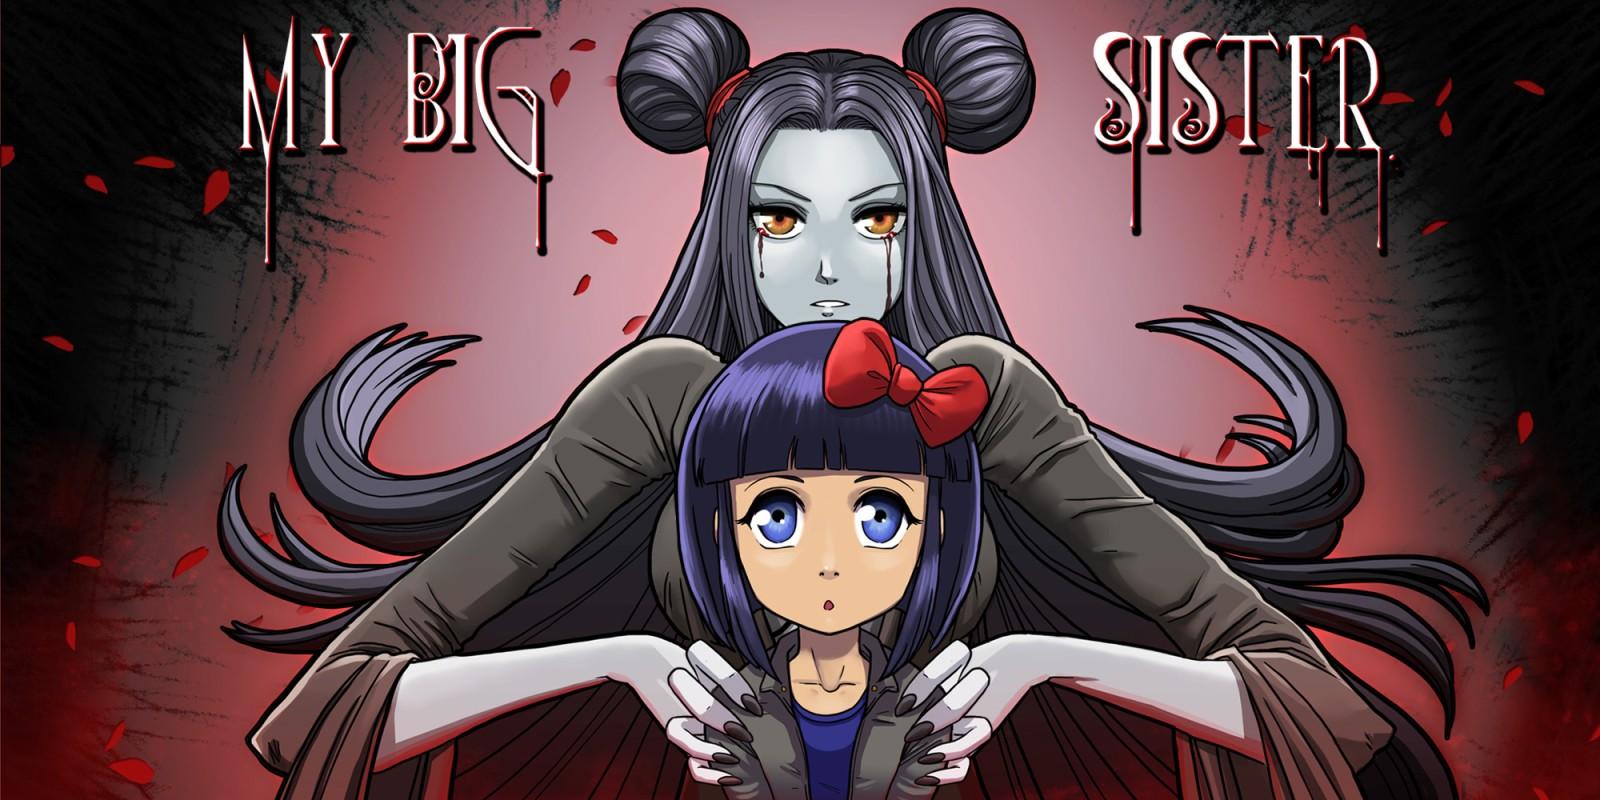 [Análisis] My big sister, luz y oscuridad